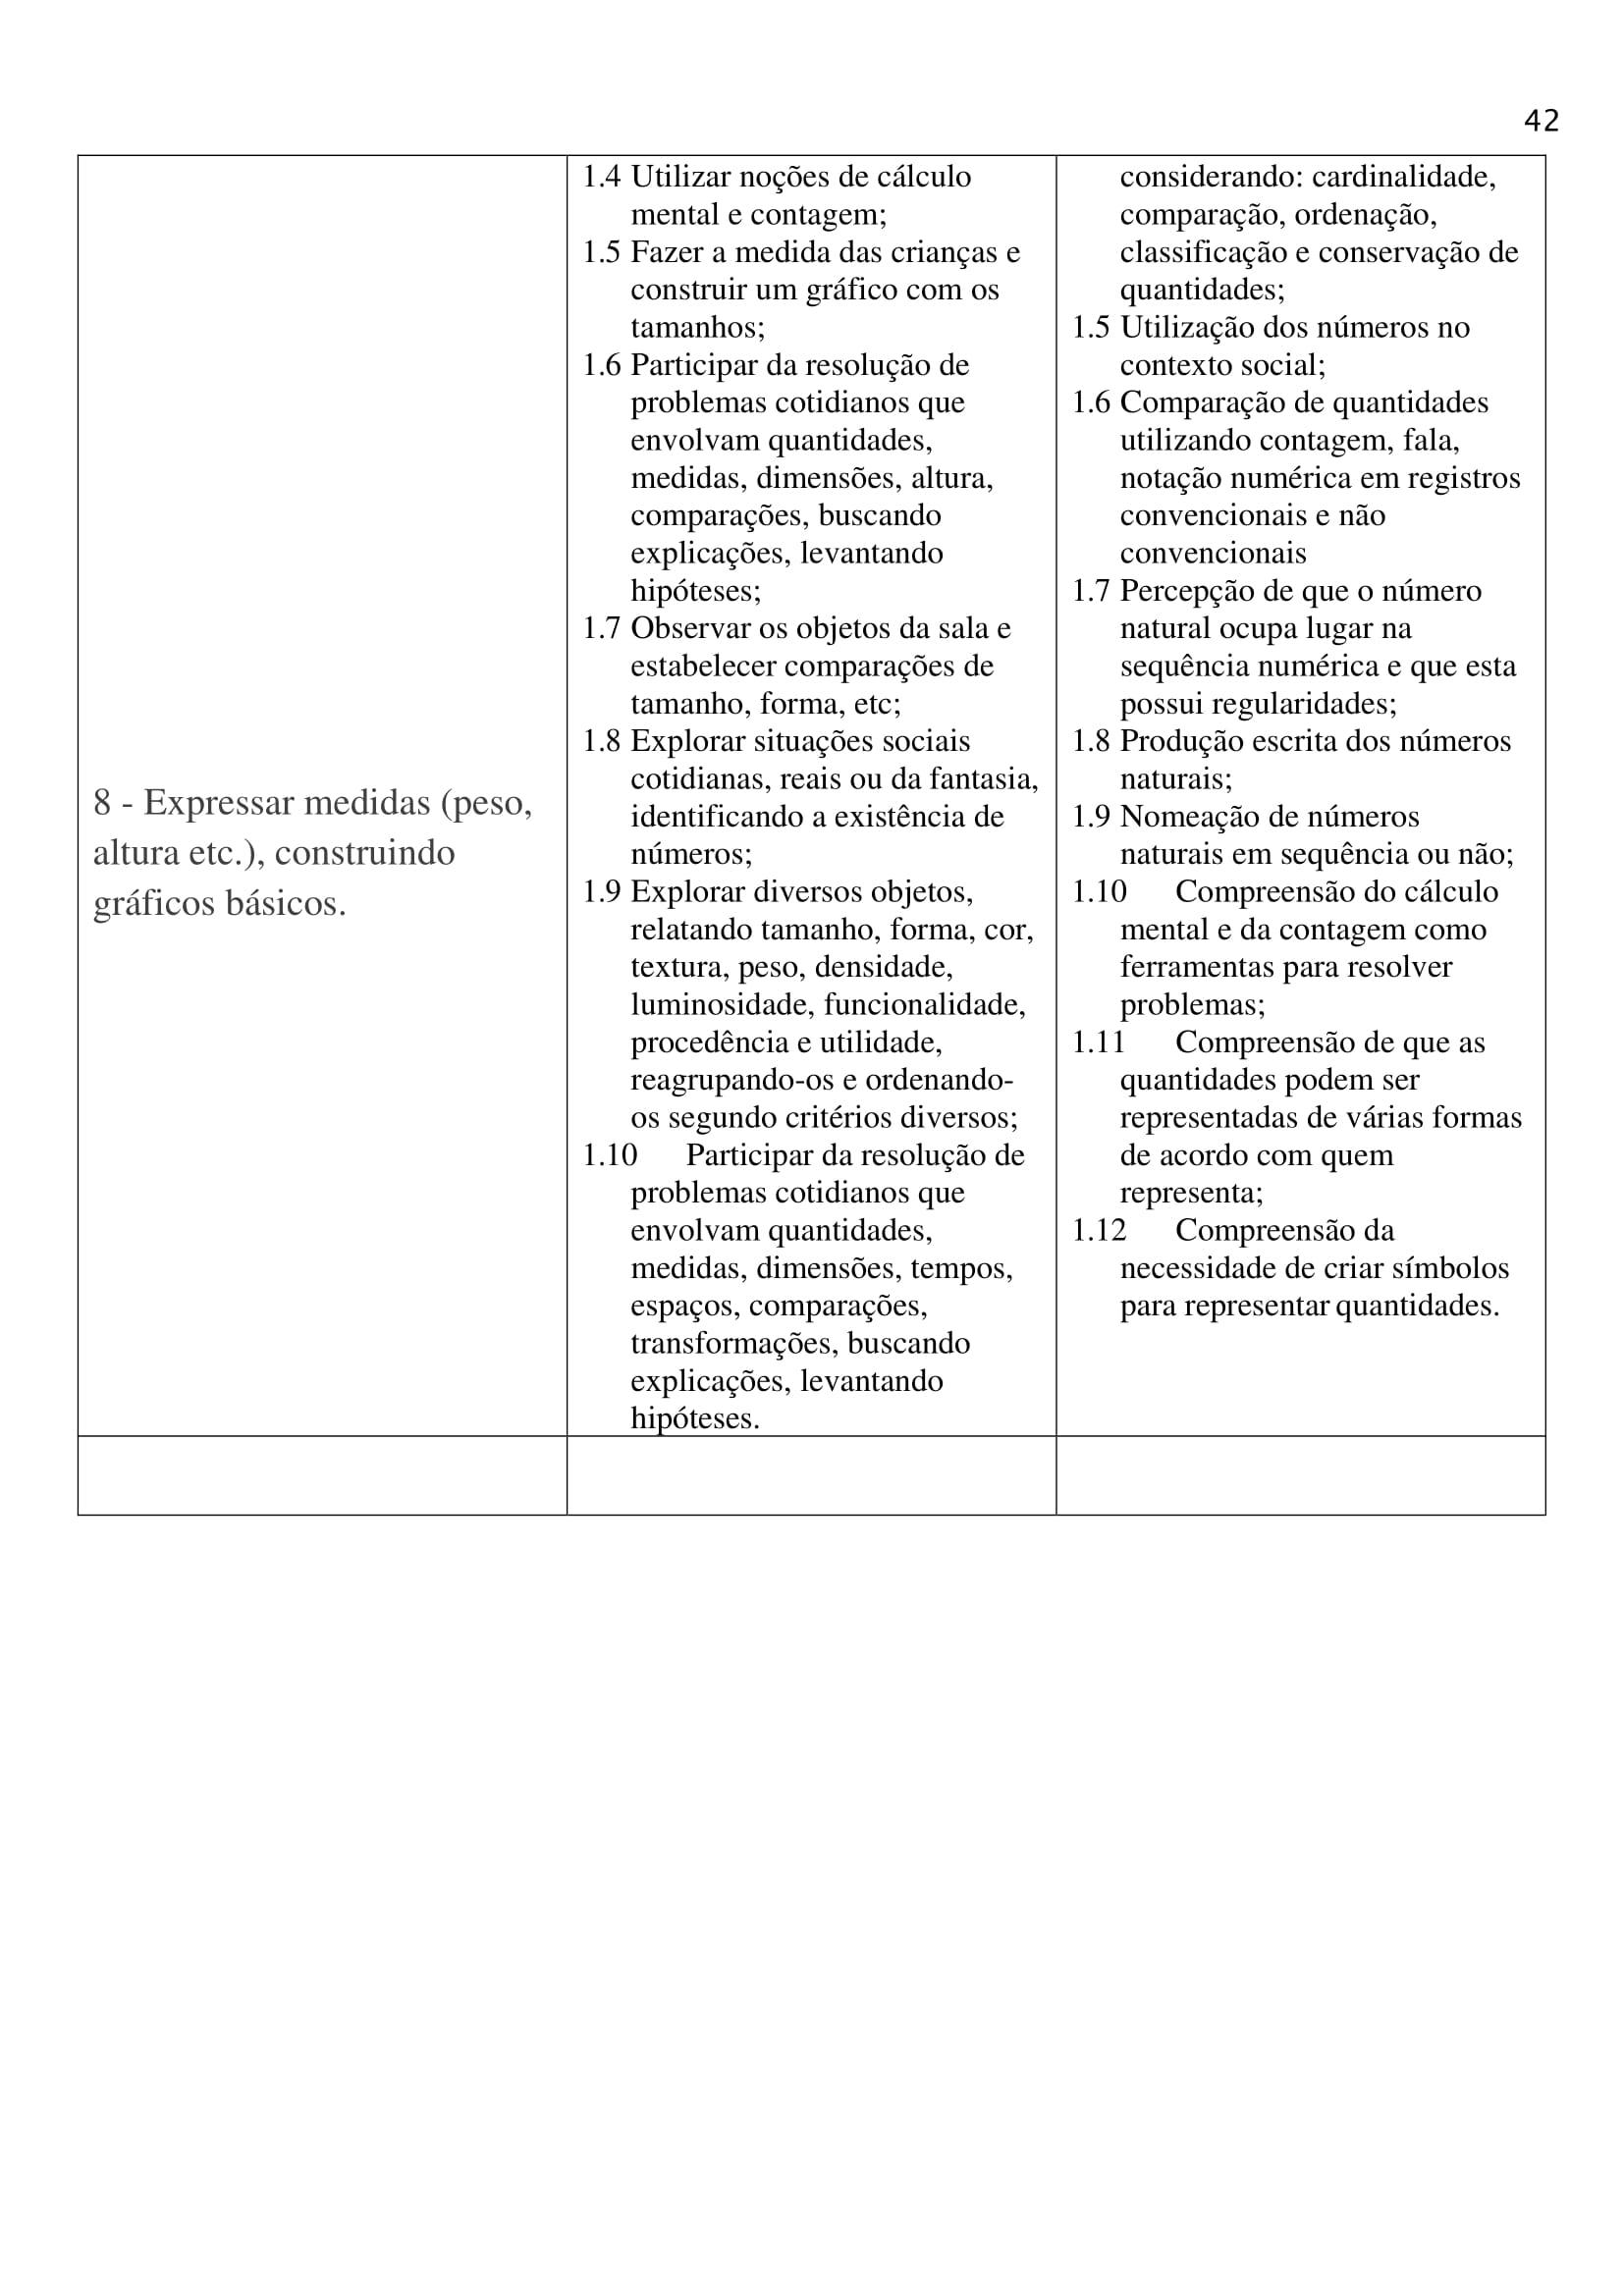 planejamento-educação-infantil-bncc-geral-72